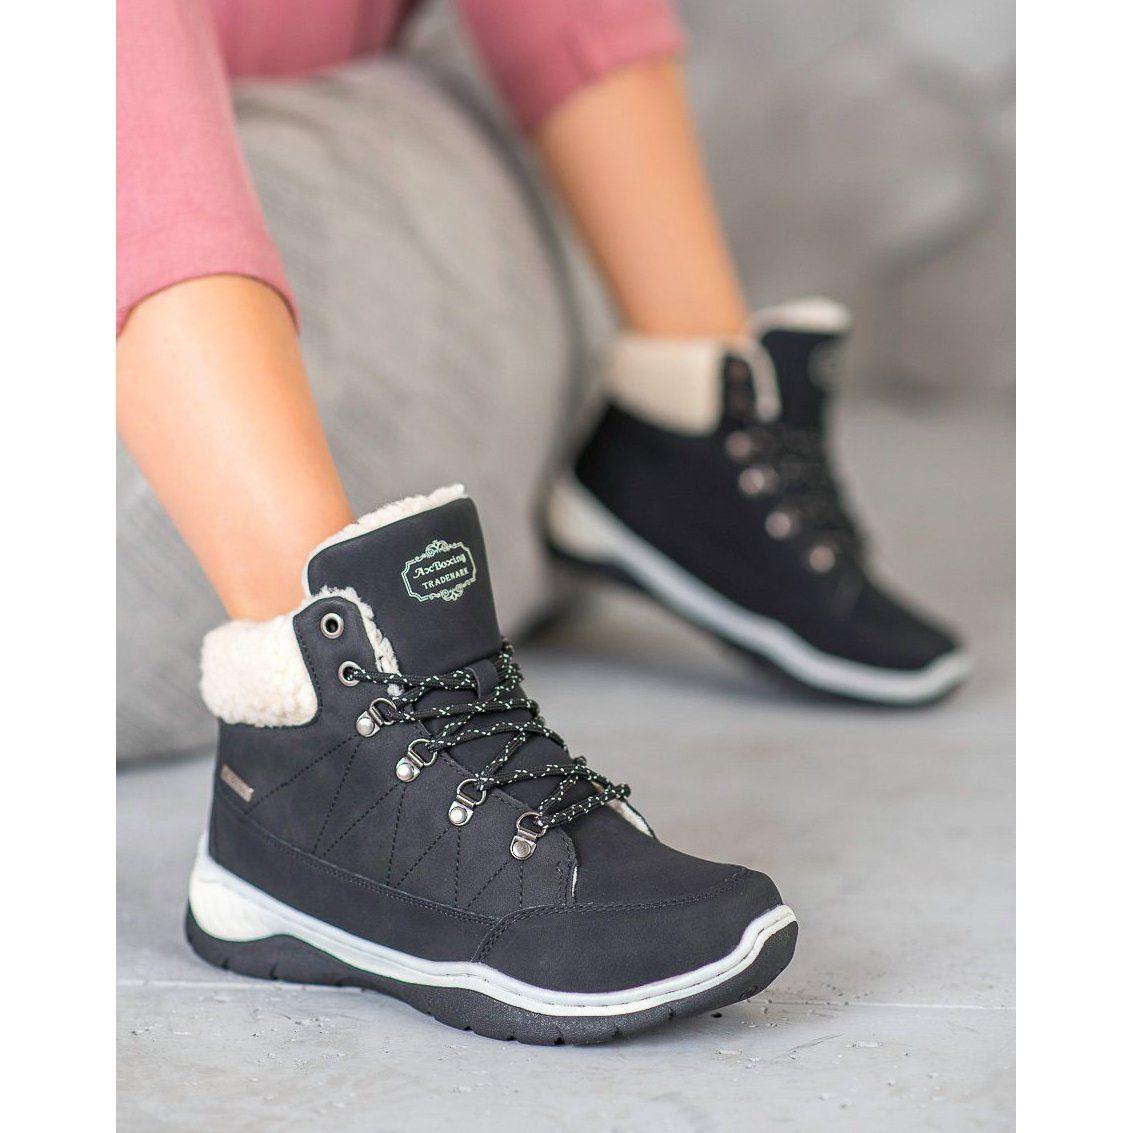 Arrigo Bello Cieple Buty Zimowe Czarne High Top Sneakers Wedge Sneaker Shoes